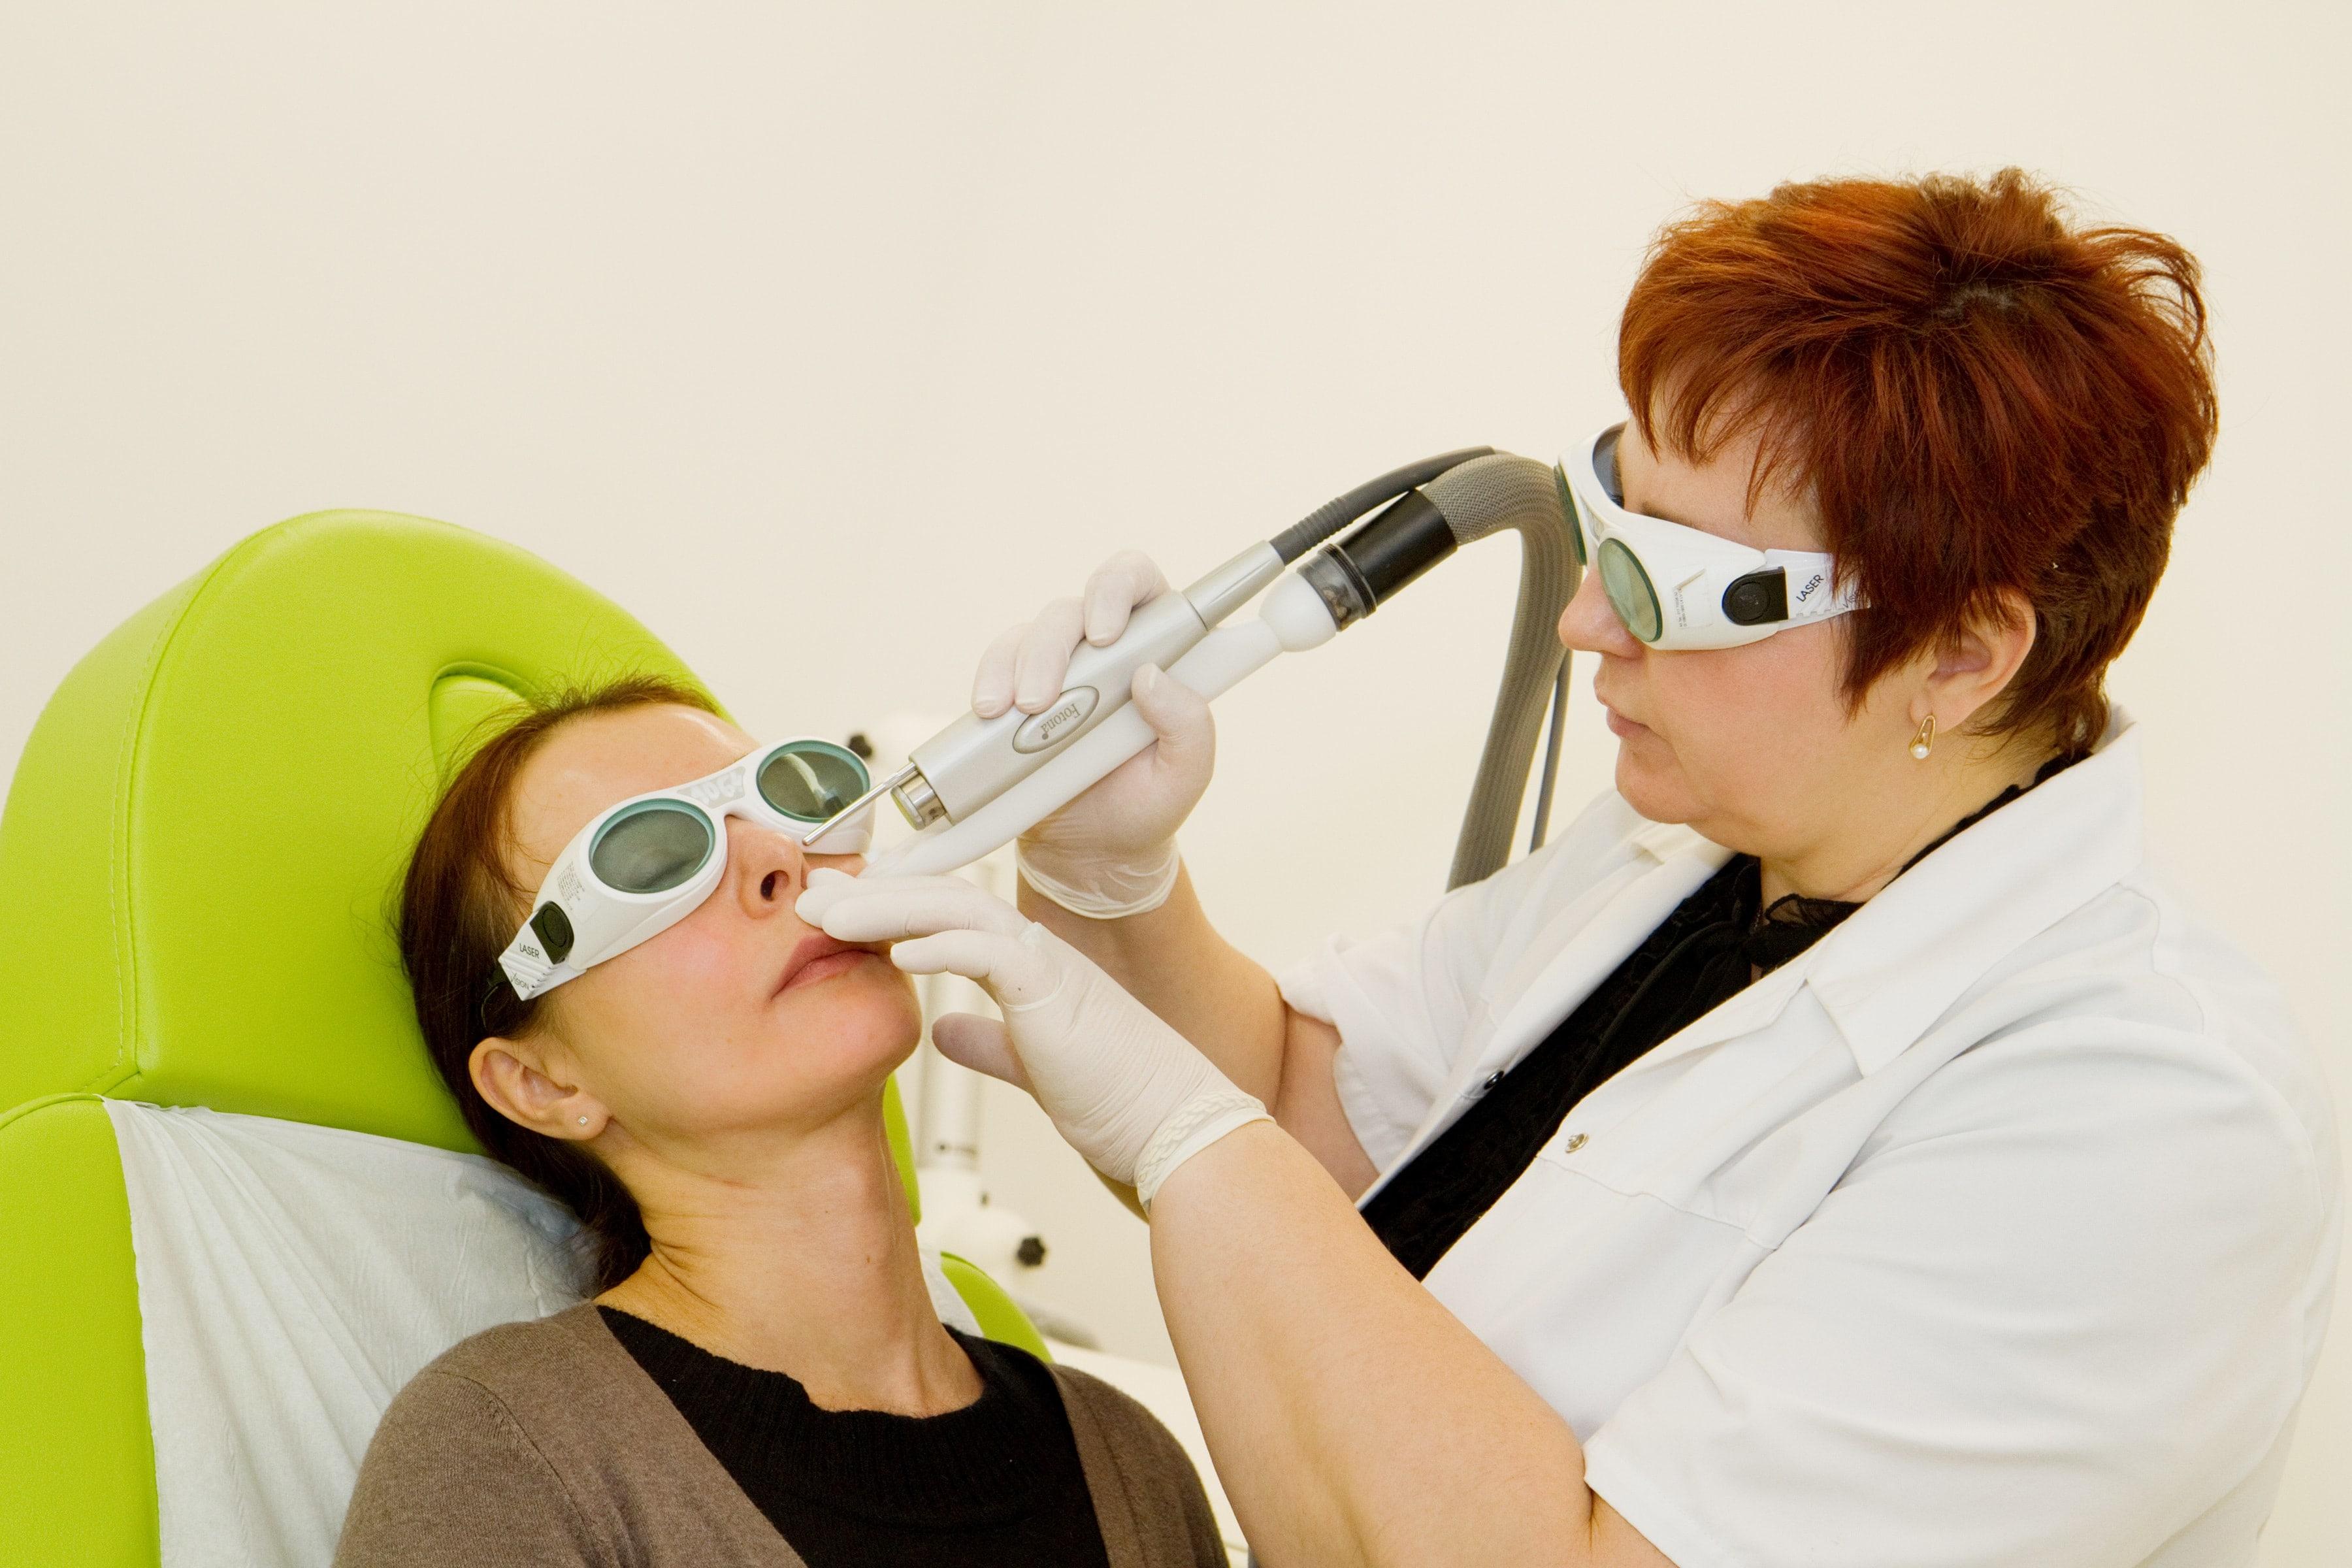 treatment at rtwskin